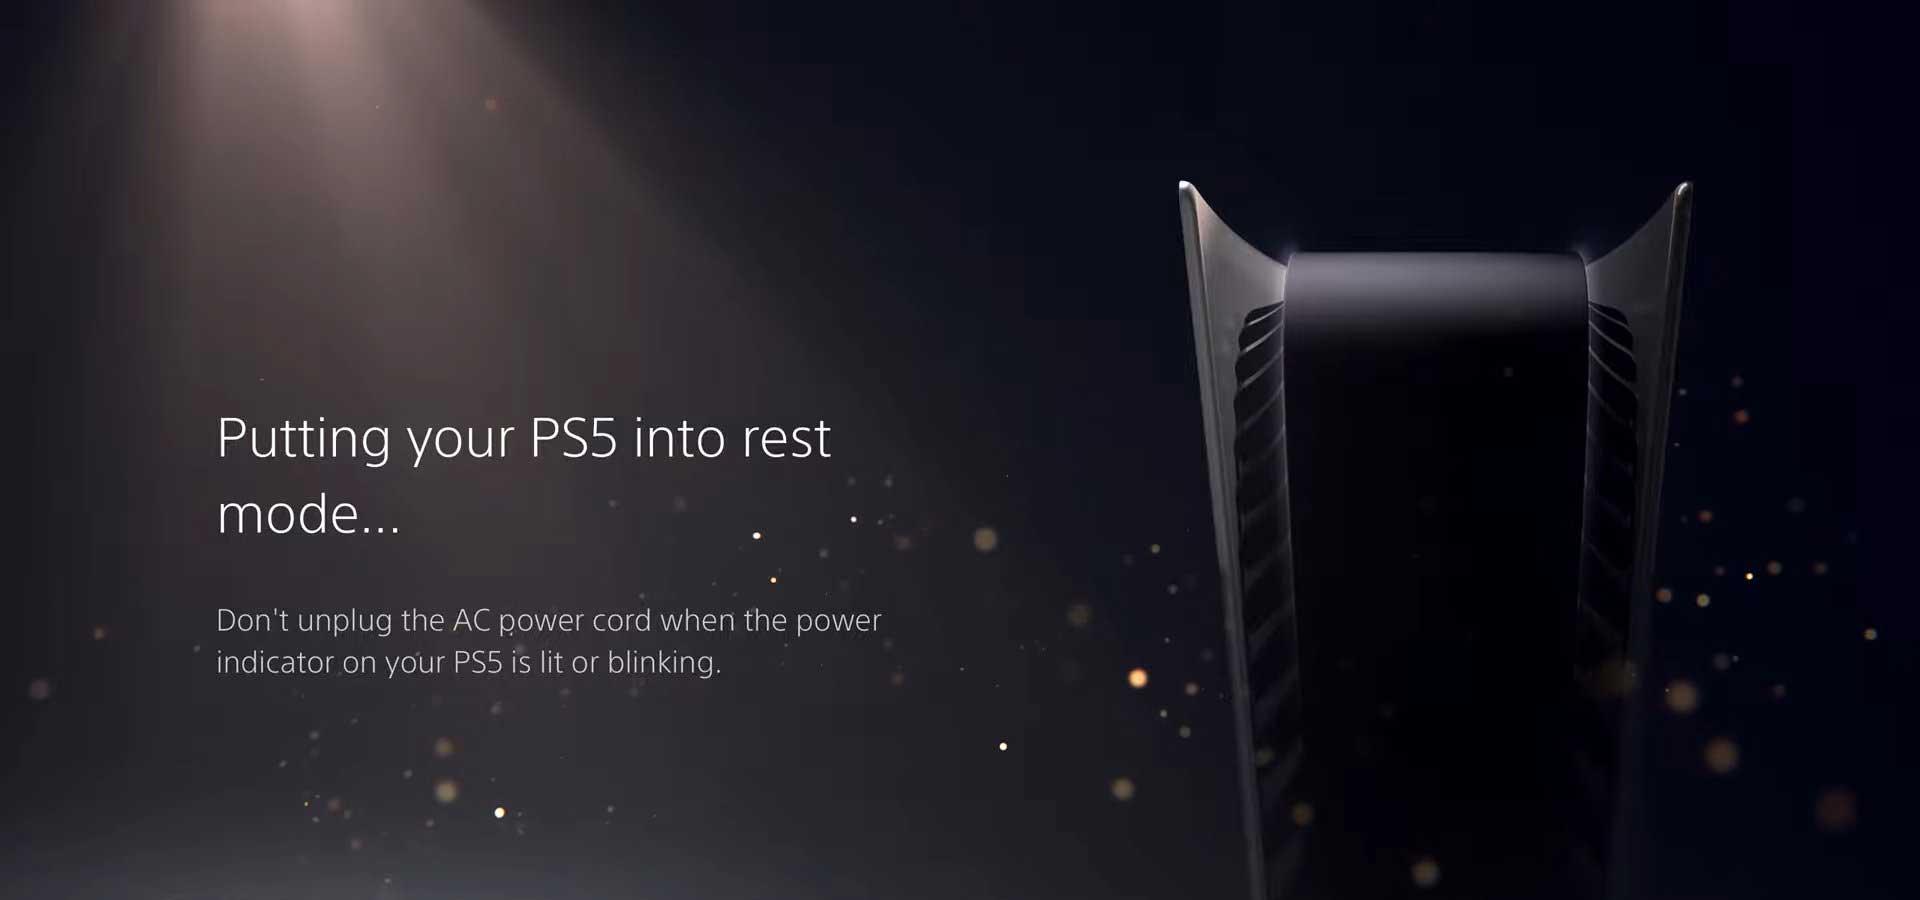 Présentation de l'interface de PlayStation 5